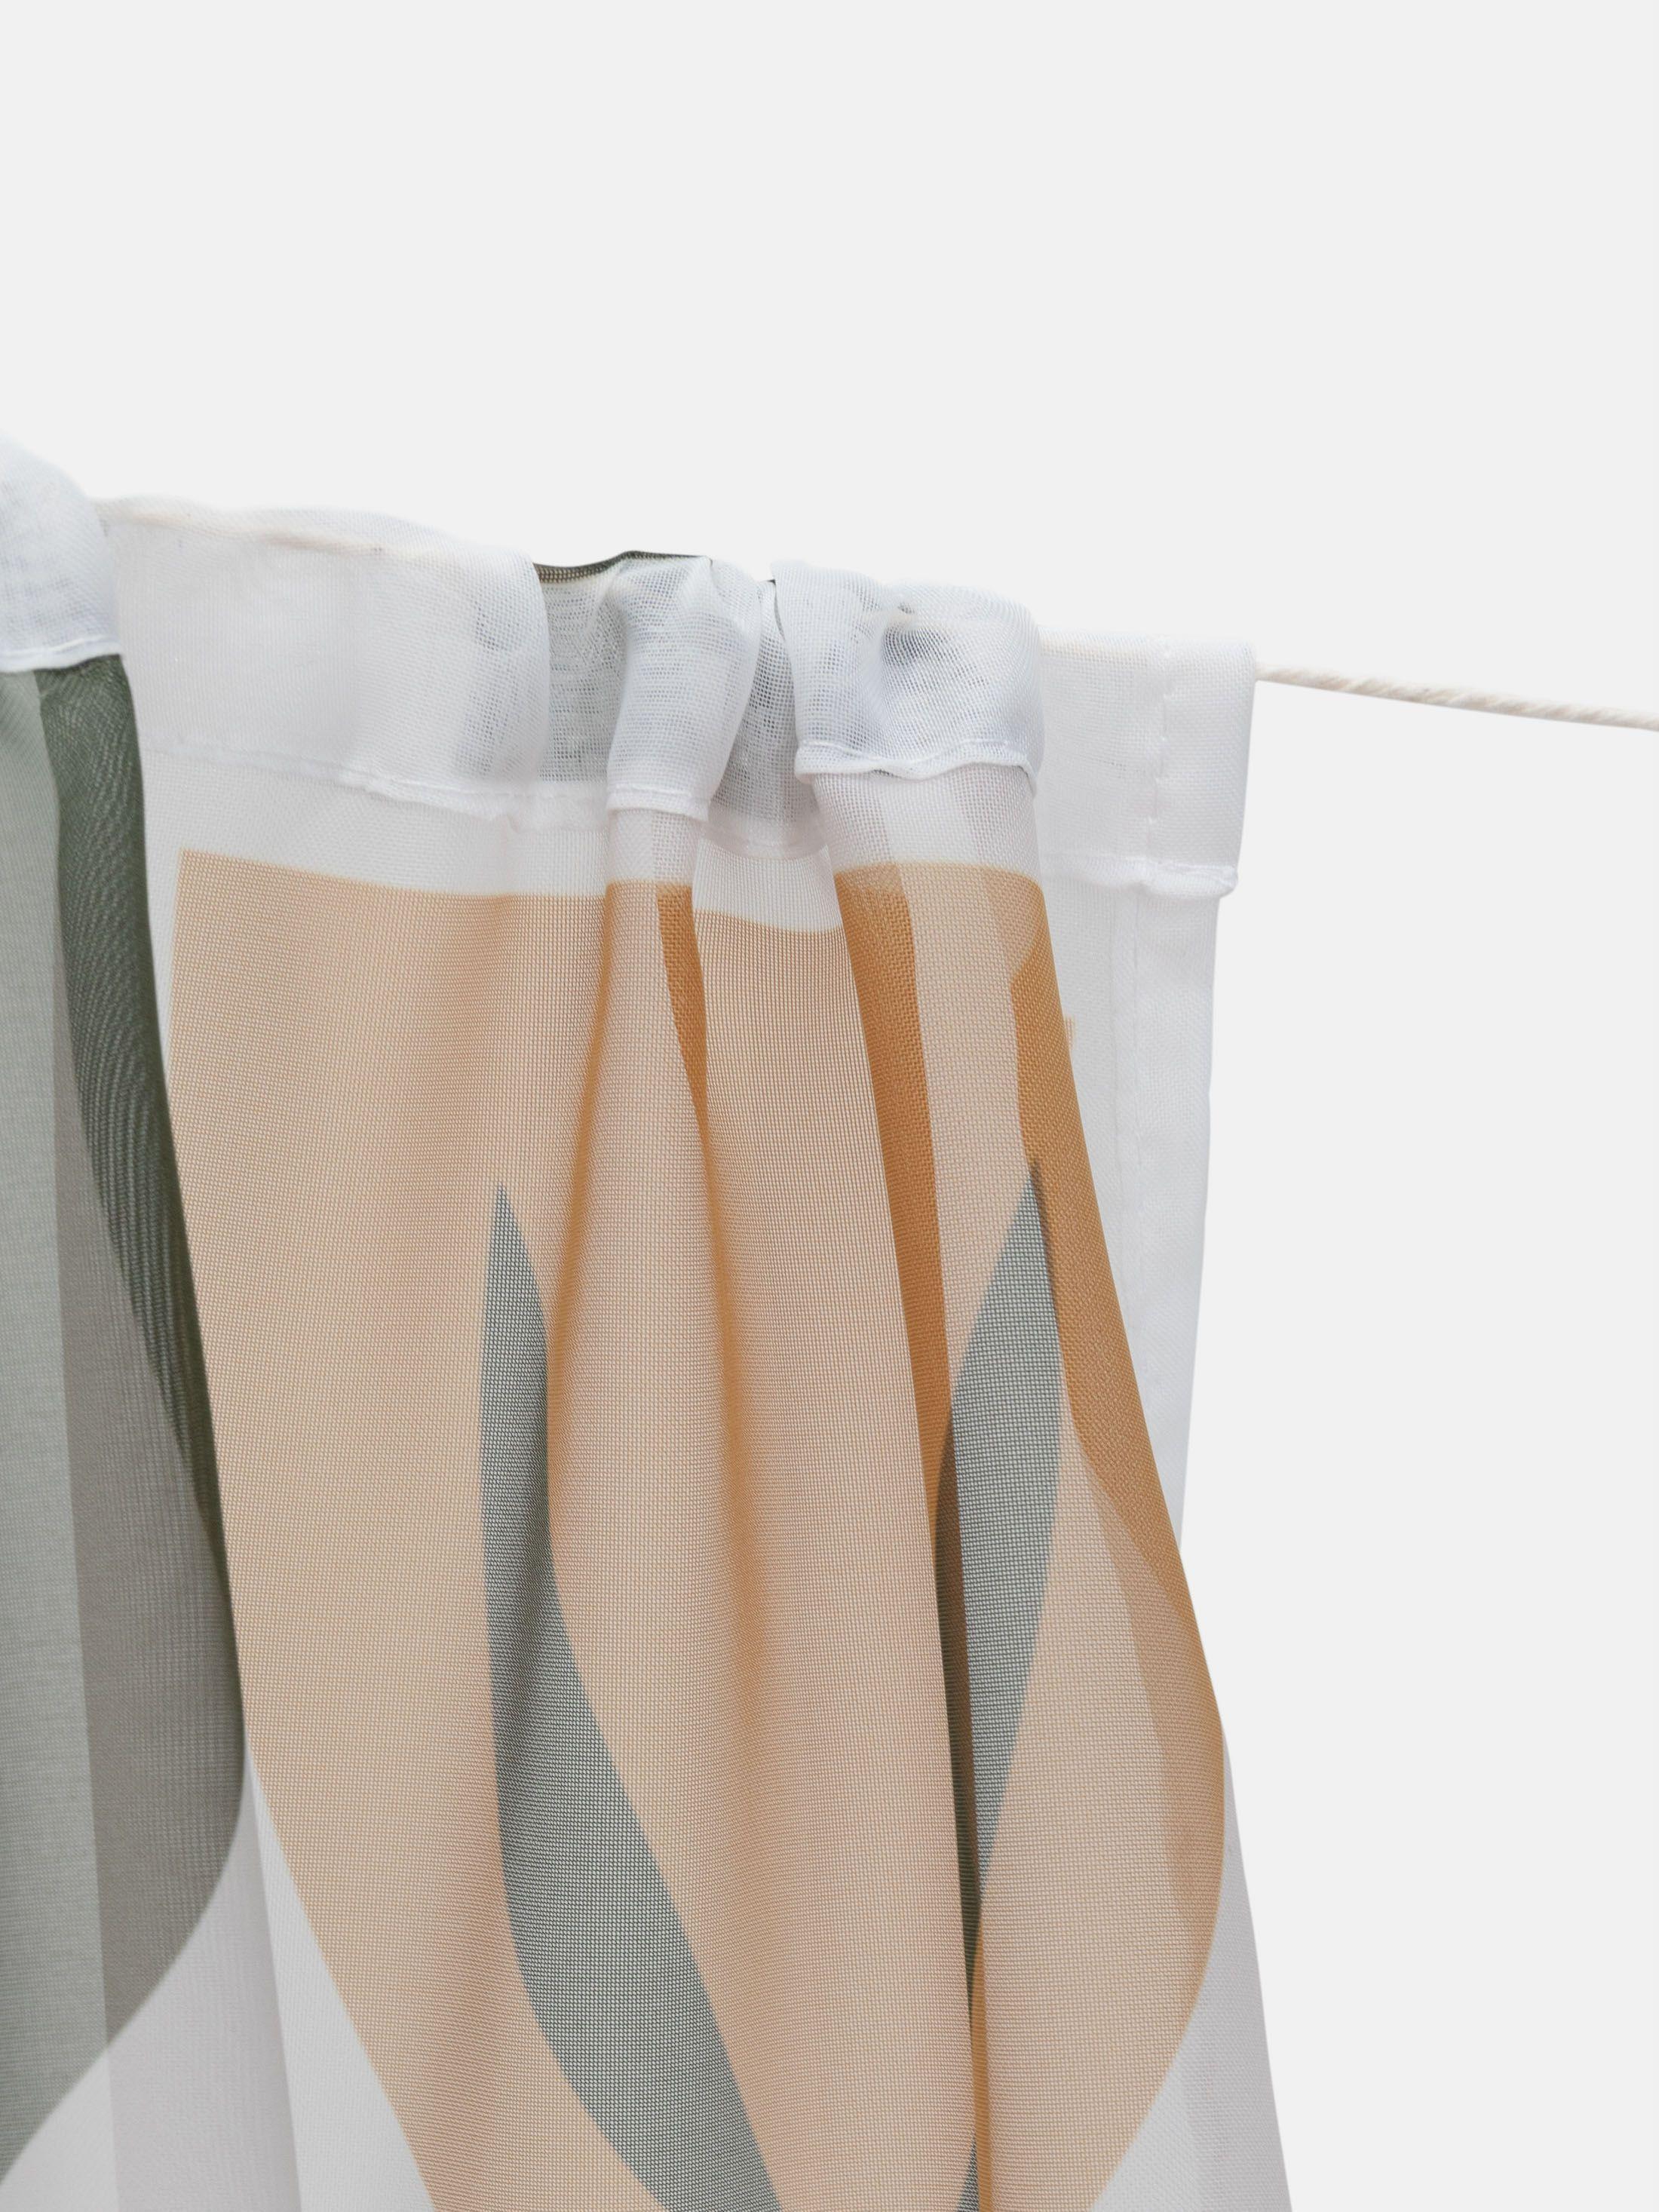 ボイルカーテン